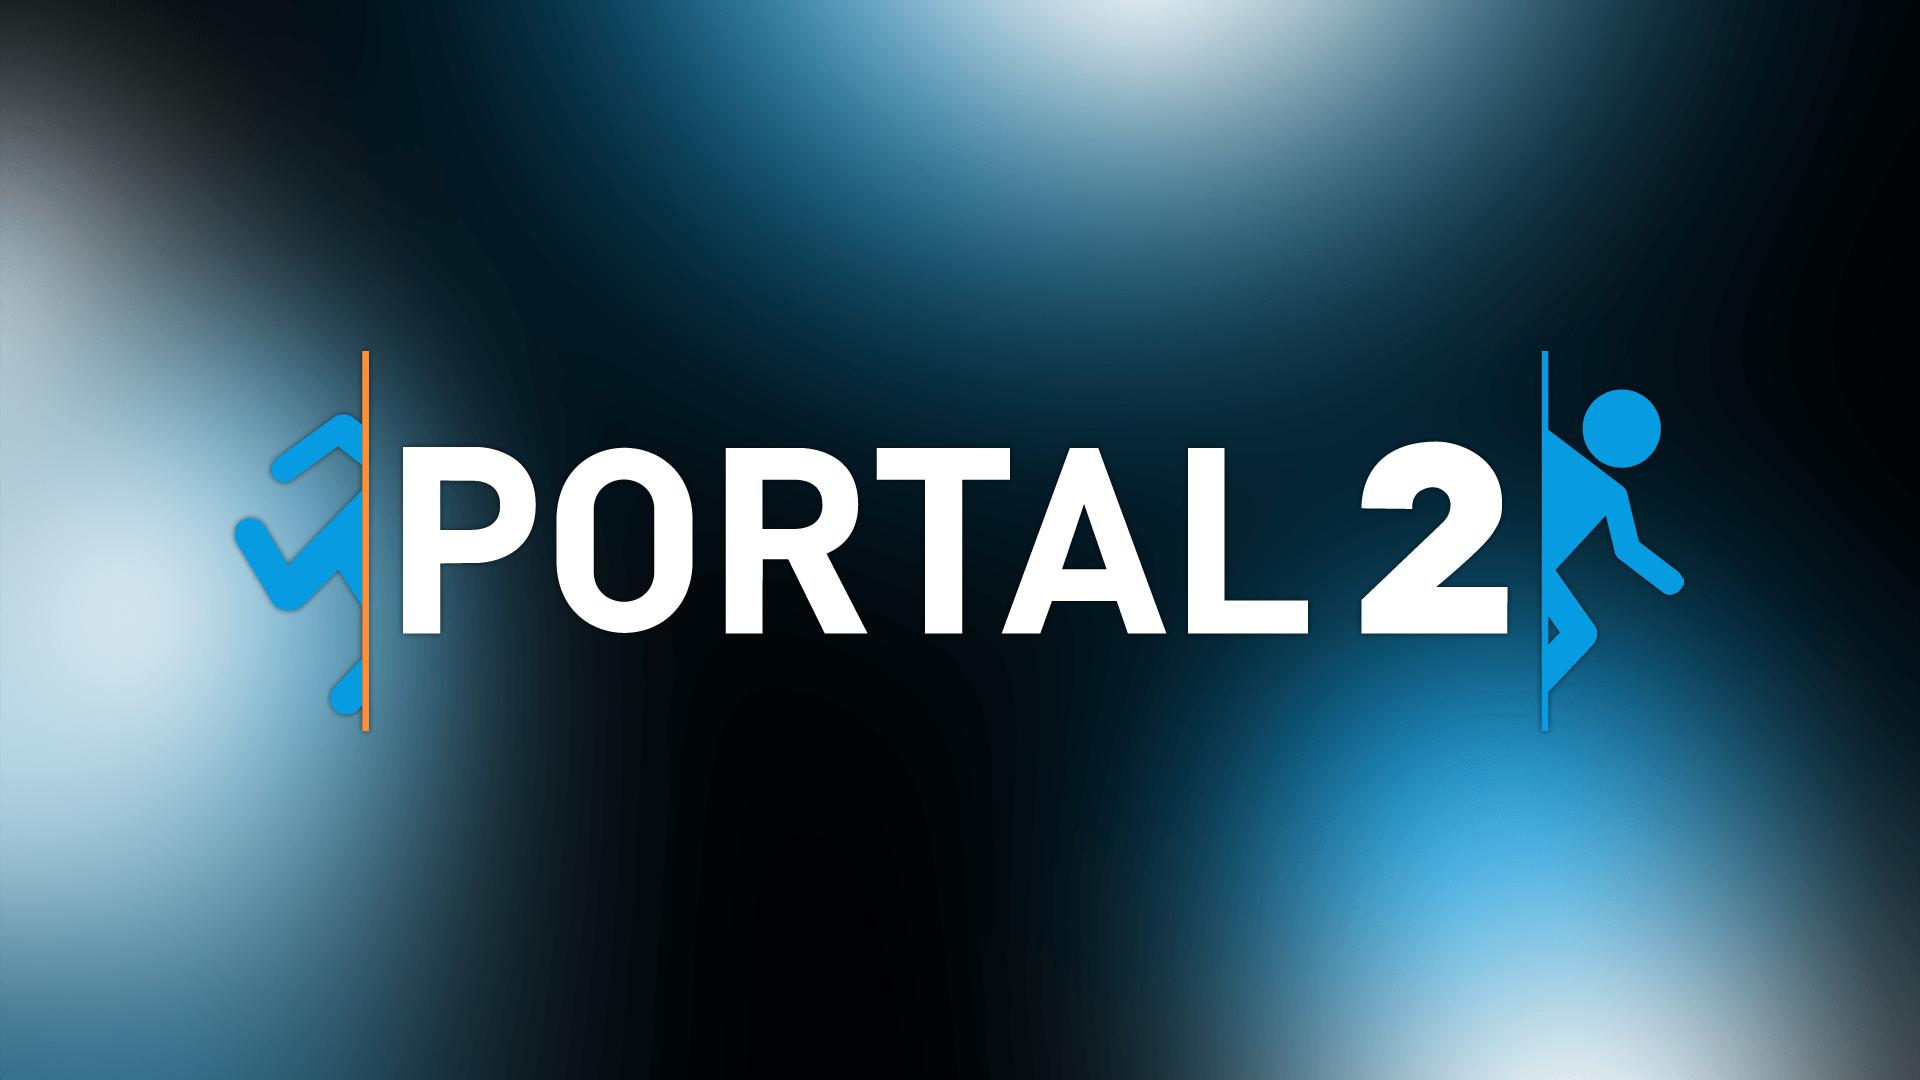 Portal 2 Wallpapers HD - Wallpaper Cave